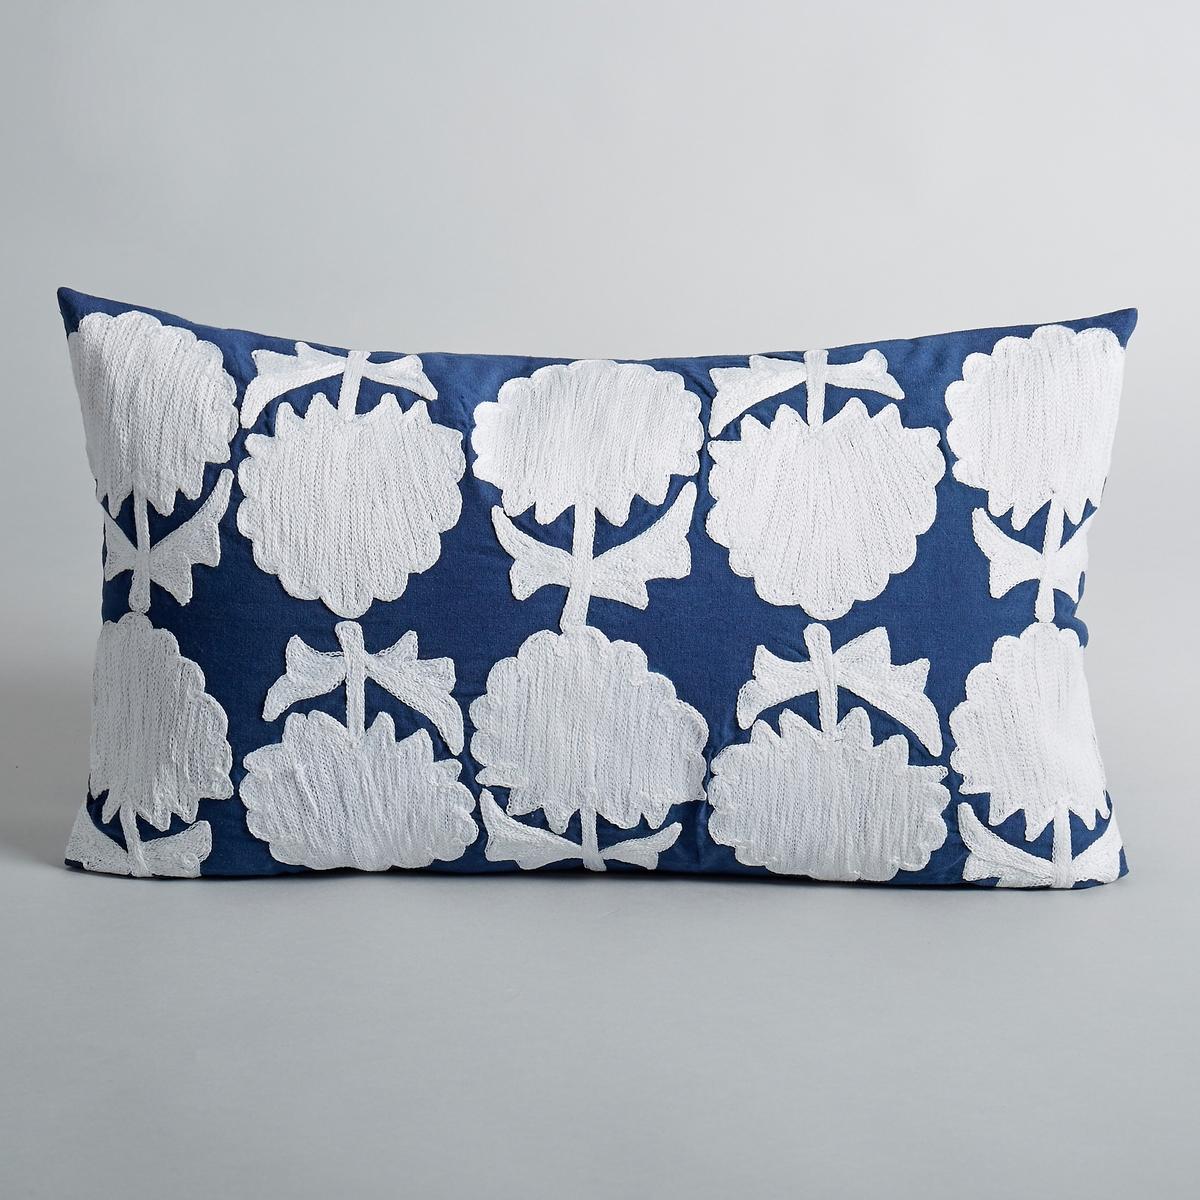 Чехол для подушки Edr?aМатериал :- 100% хлопок- Вышивка с цветочными мотивами 100% акрилРазмеры : - 50 x 30 см.<br><br>Цвет: синий/ белый<br>Размер: 50 x 30 см